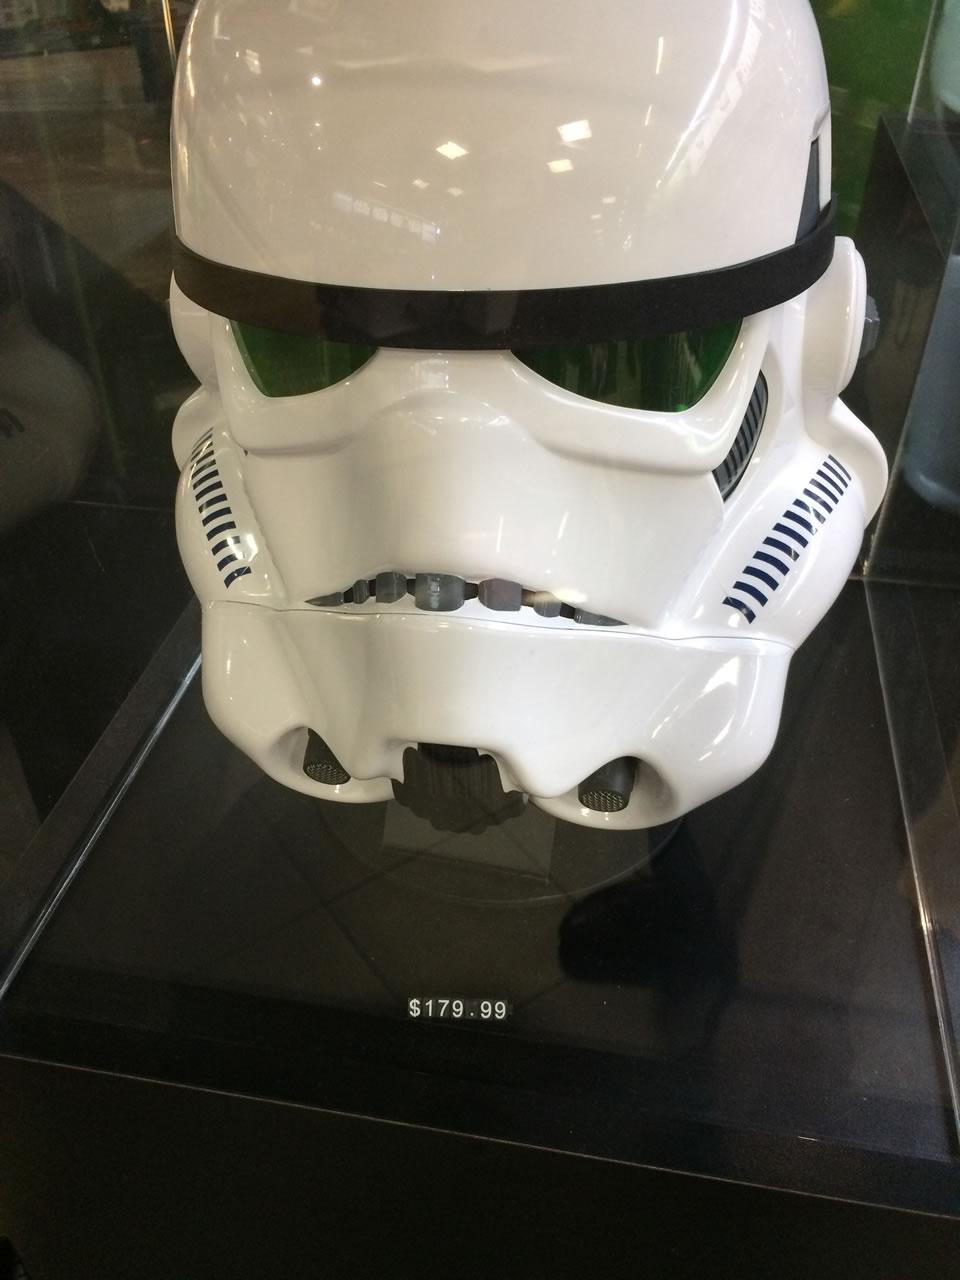 20 thinkgeek store - stormtrooper helmet